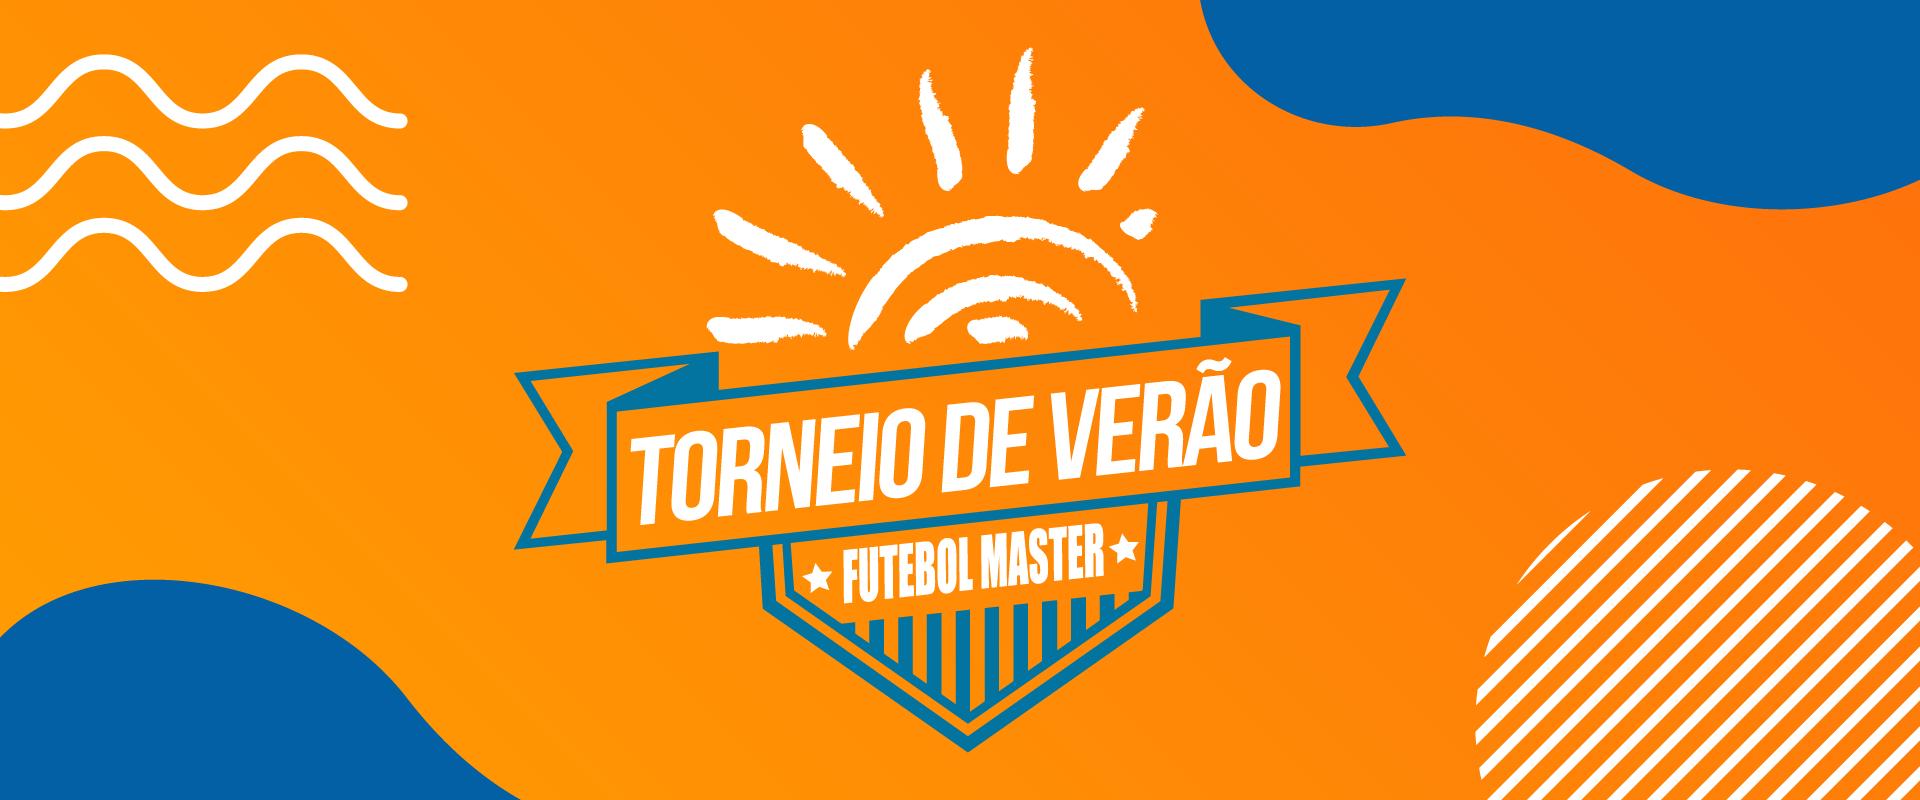 site_torneio verão masters_Site_banner